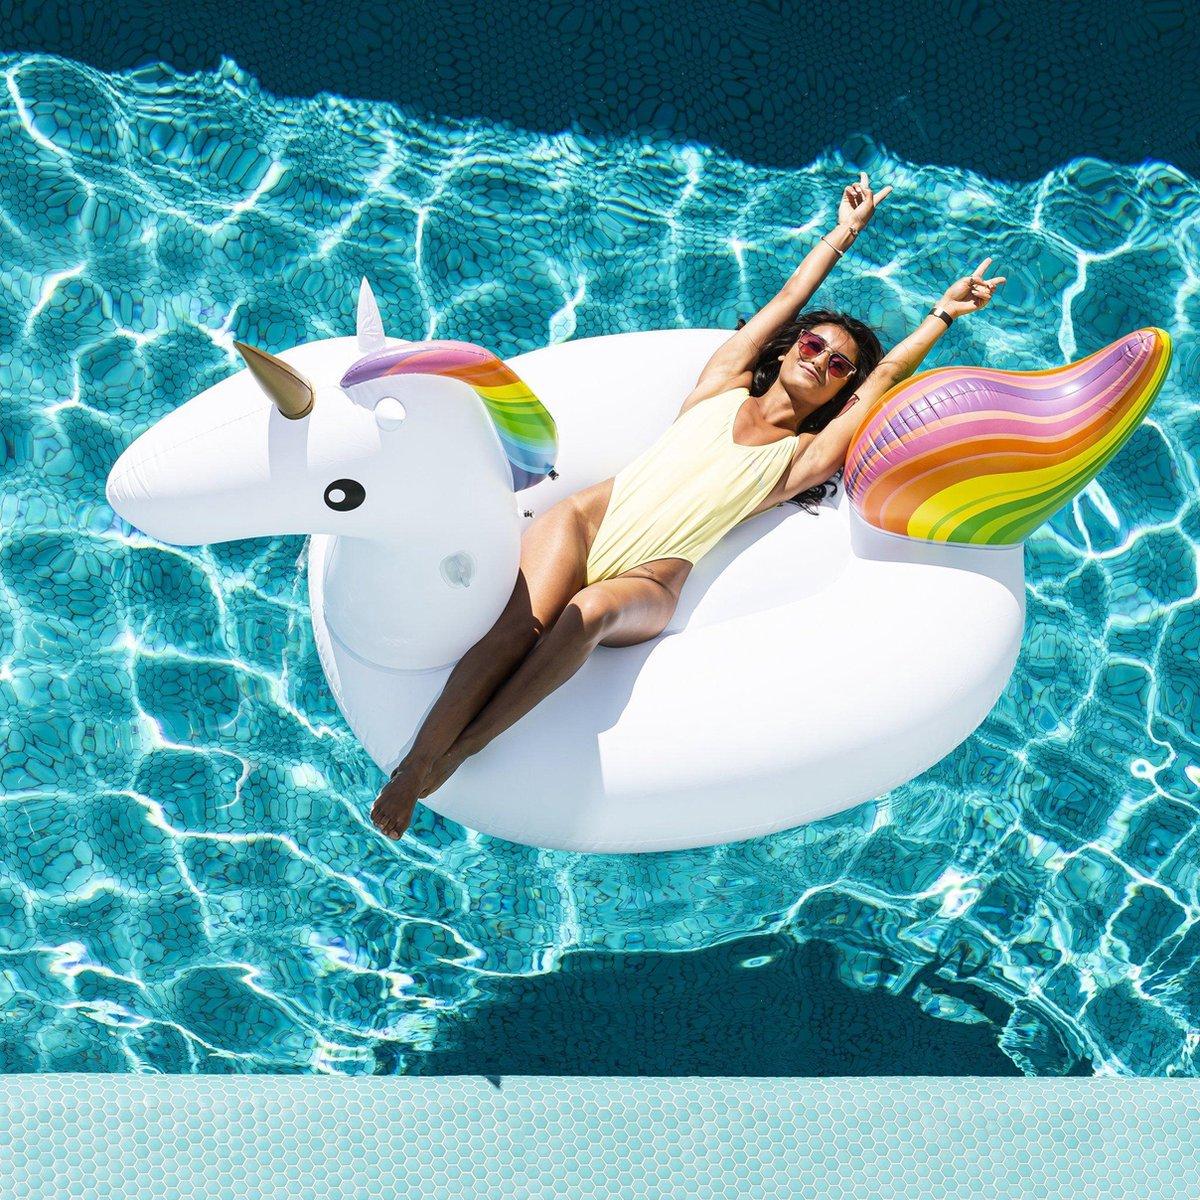 opblaasbare unicorn / eenhoorn voor in zwembad of op strand . 160x130x67cm/ zwemband eenhoorn